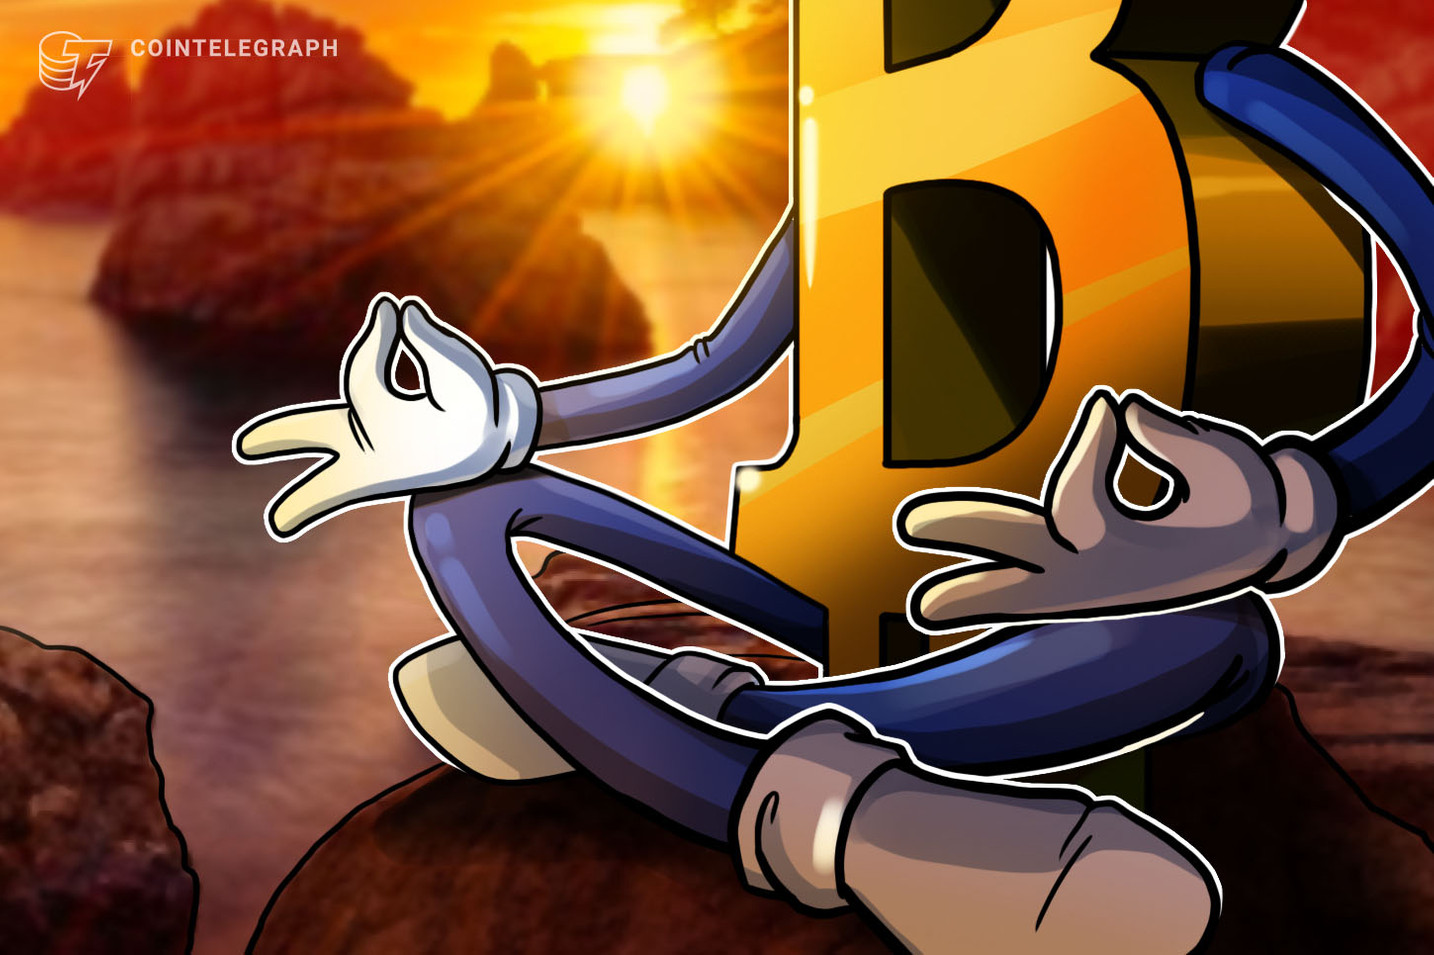 Dados mostram que traders seguem 'neutros' com o preço do Bitcoin abaixo de US$ 15,5 mil